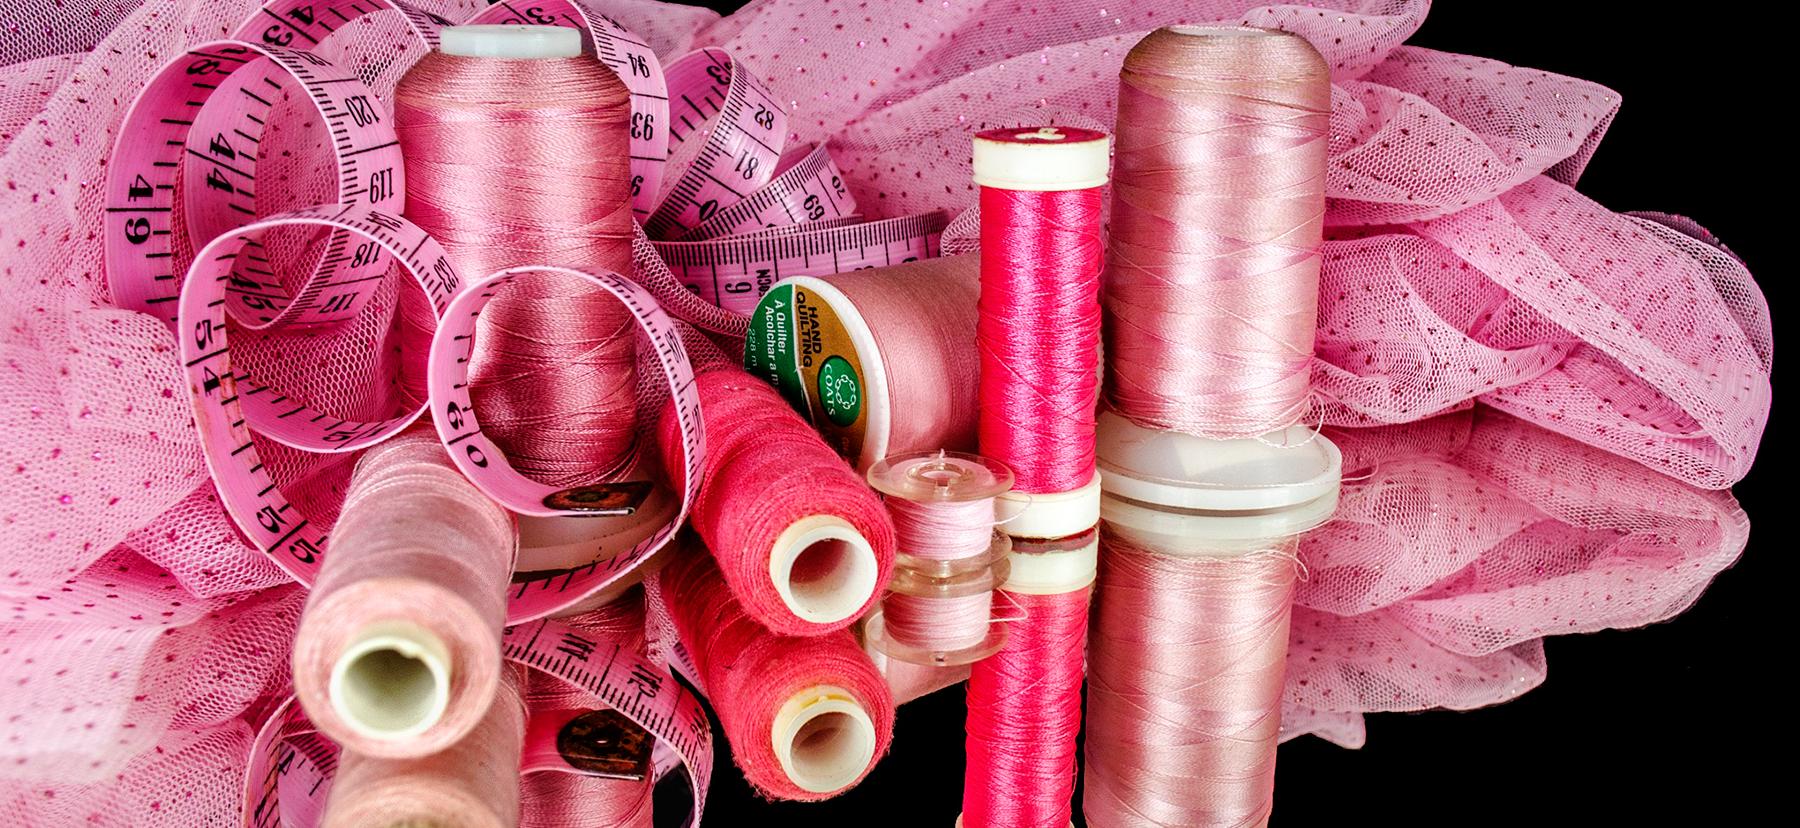 Confección y Costura en Cáceres - Tejidos Amado